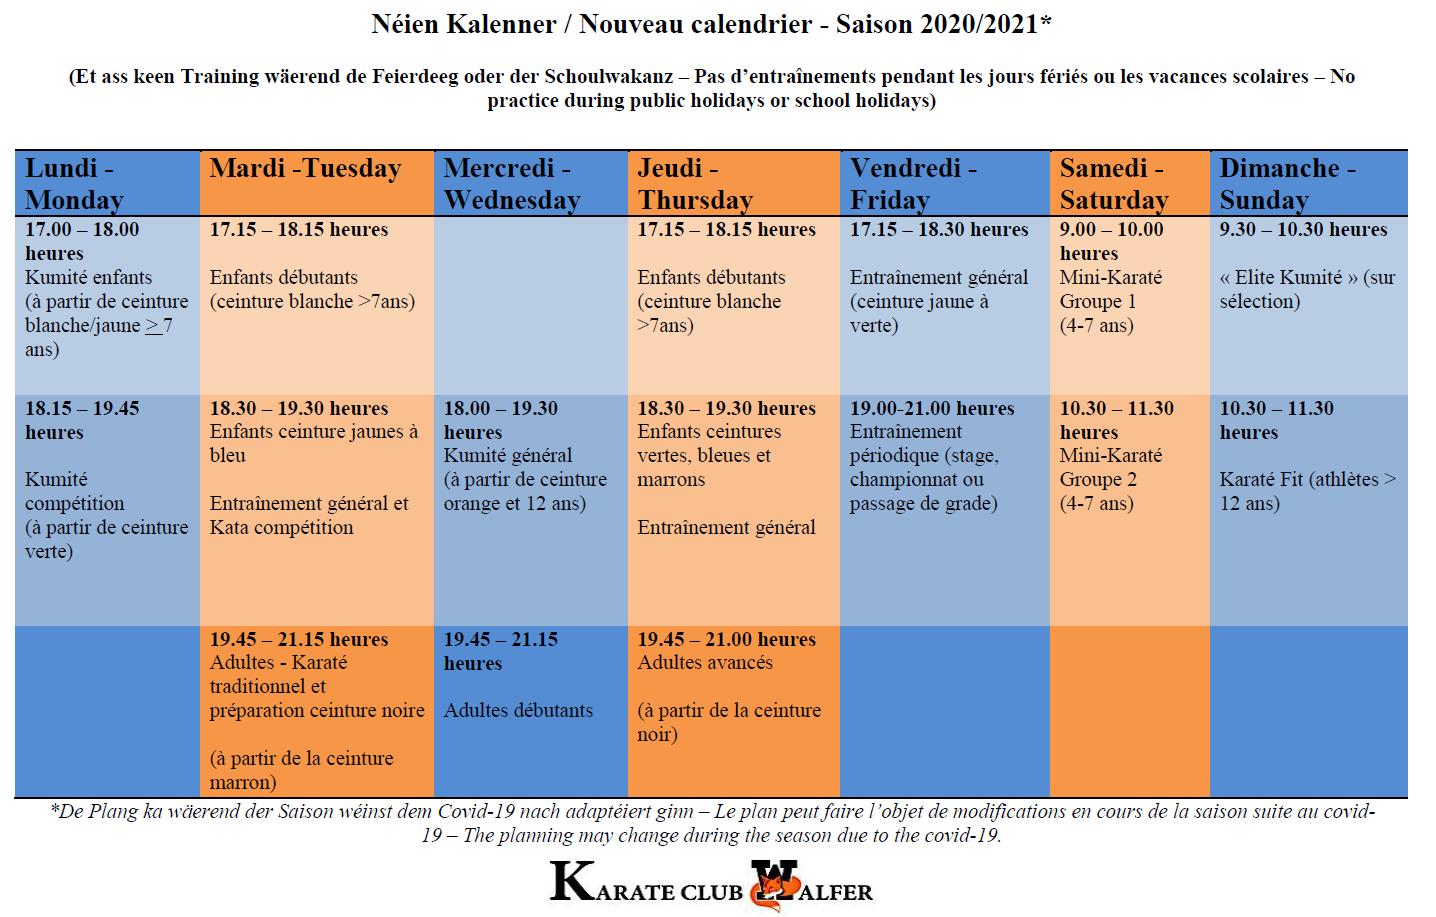 Néie Kalenner - nouveau calendrier - Saison 2020/21